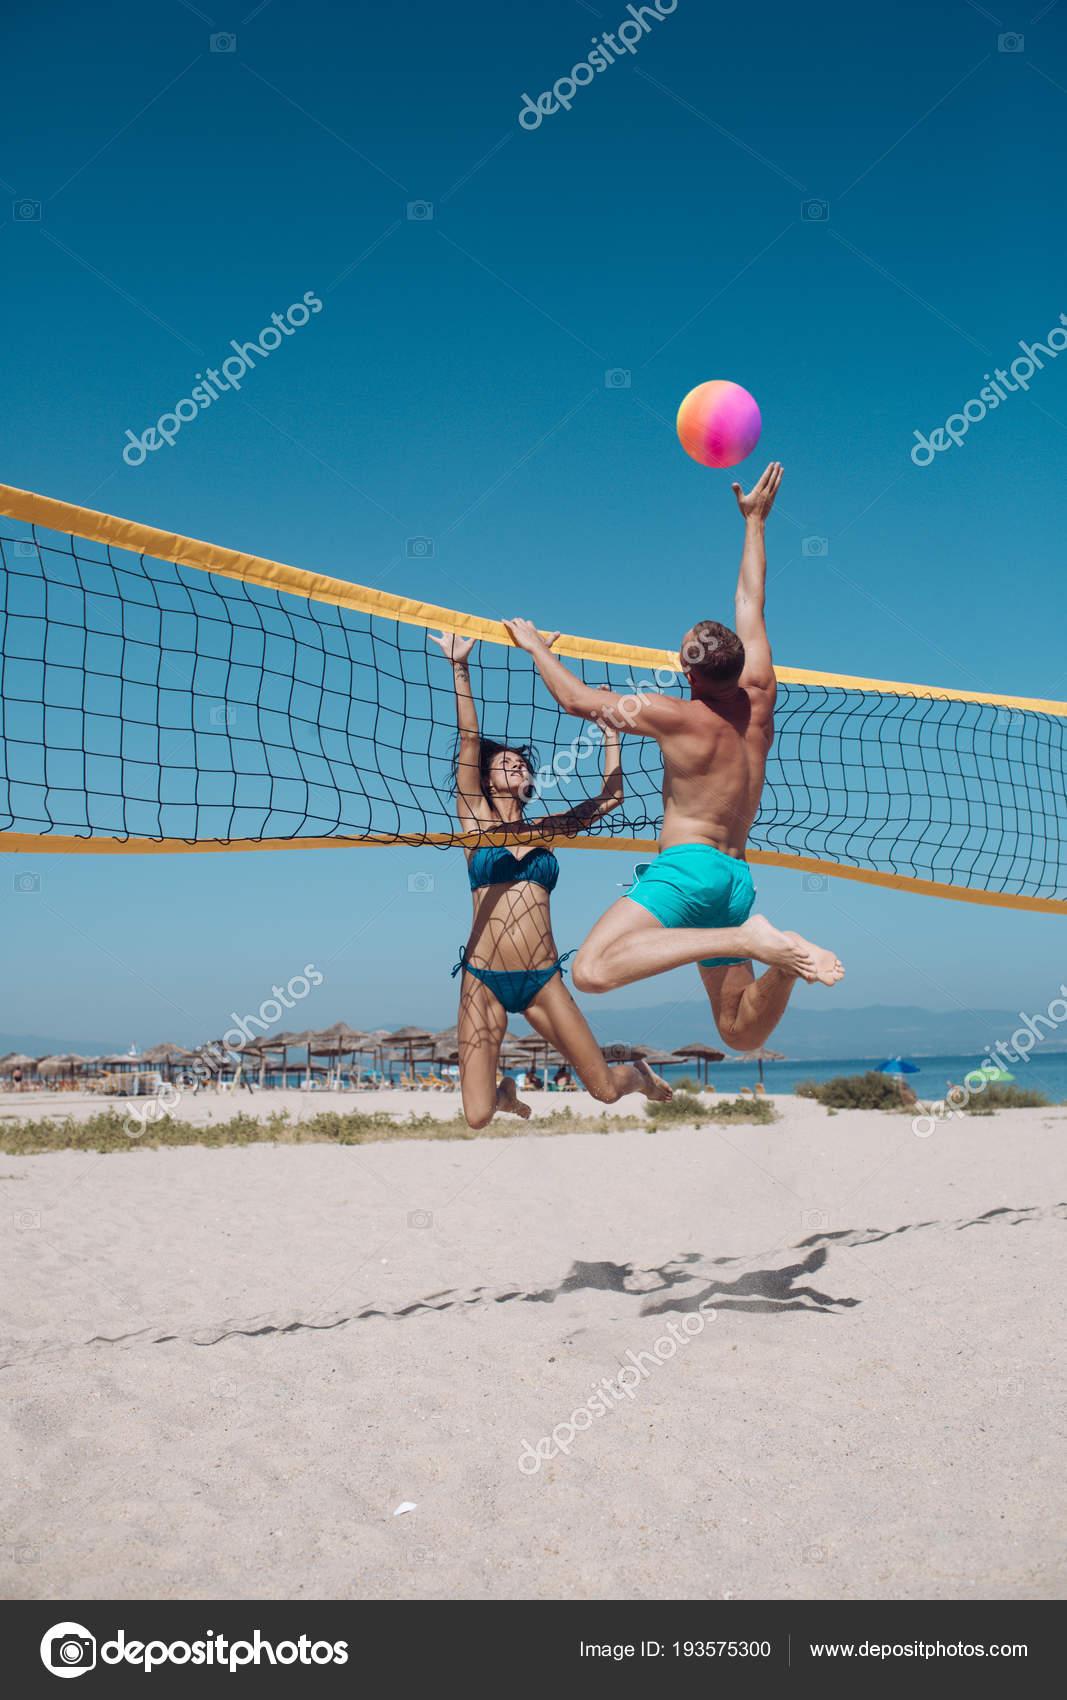 afee63be75245 Gente jugando al voleibol de playa divirtiéndose en el estilo de vida  activo deportivo. Hombre golpea voleibol juego en verano.